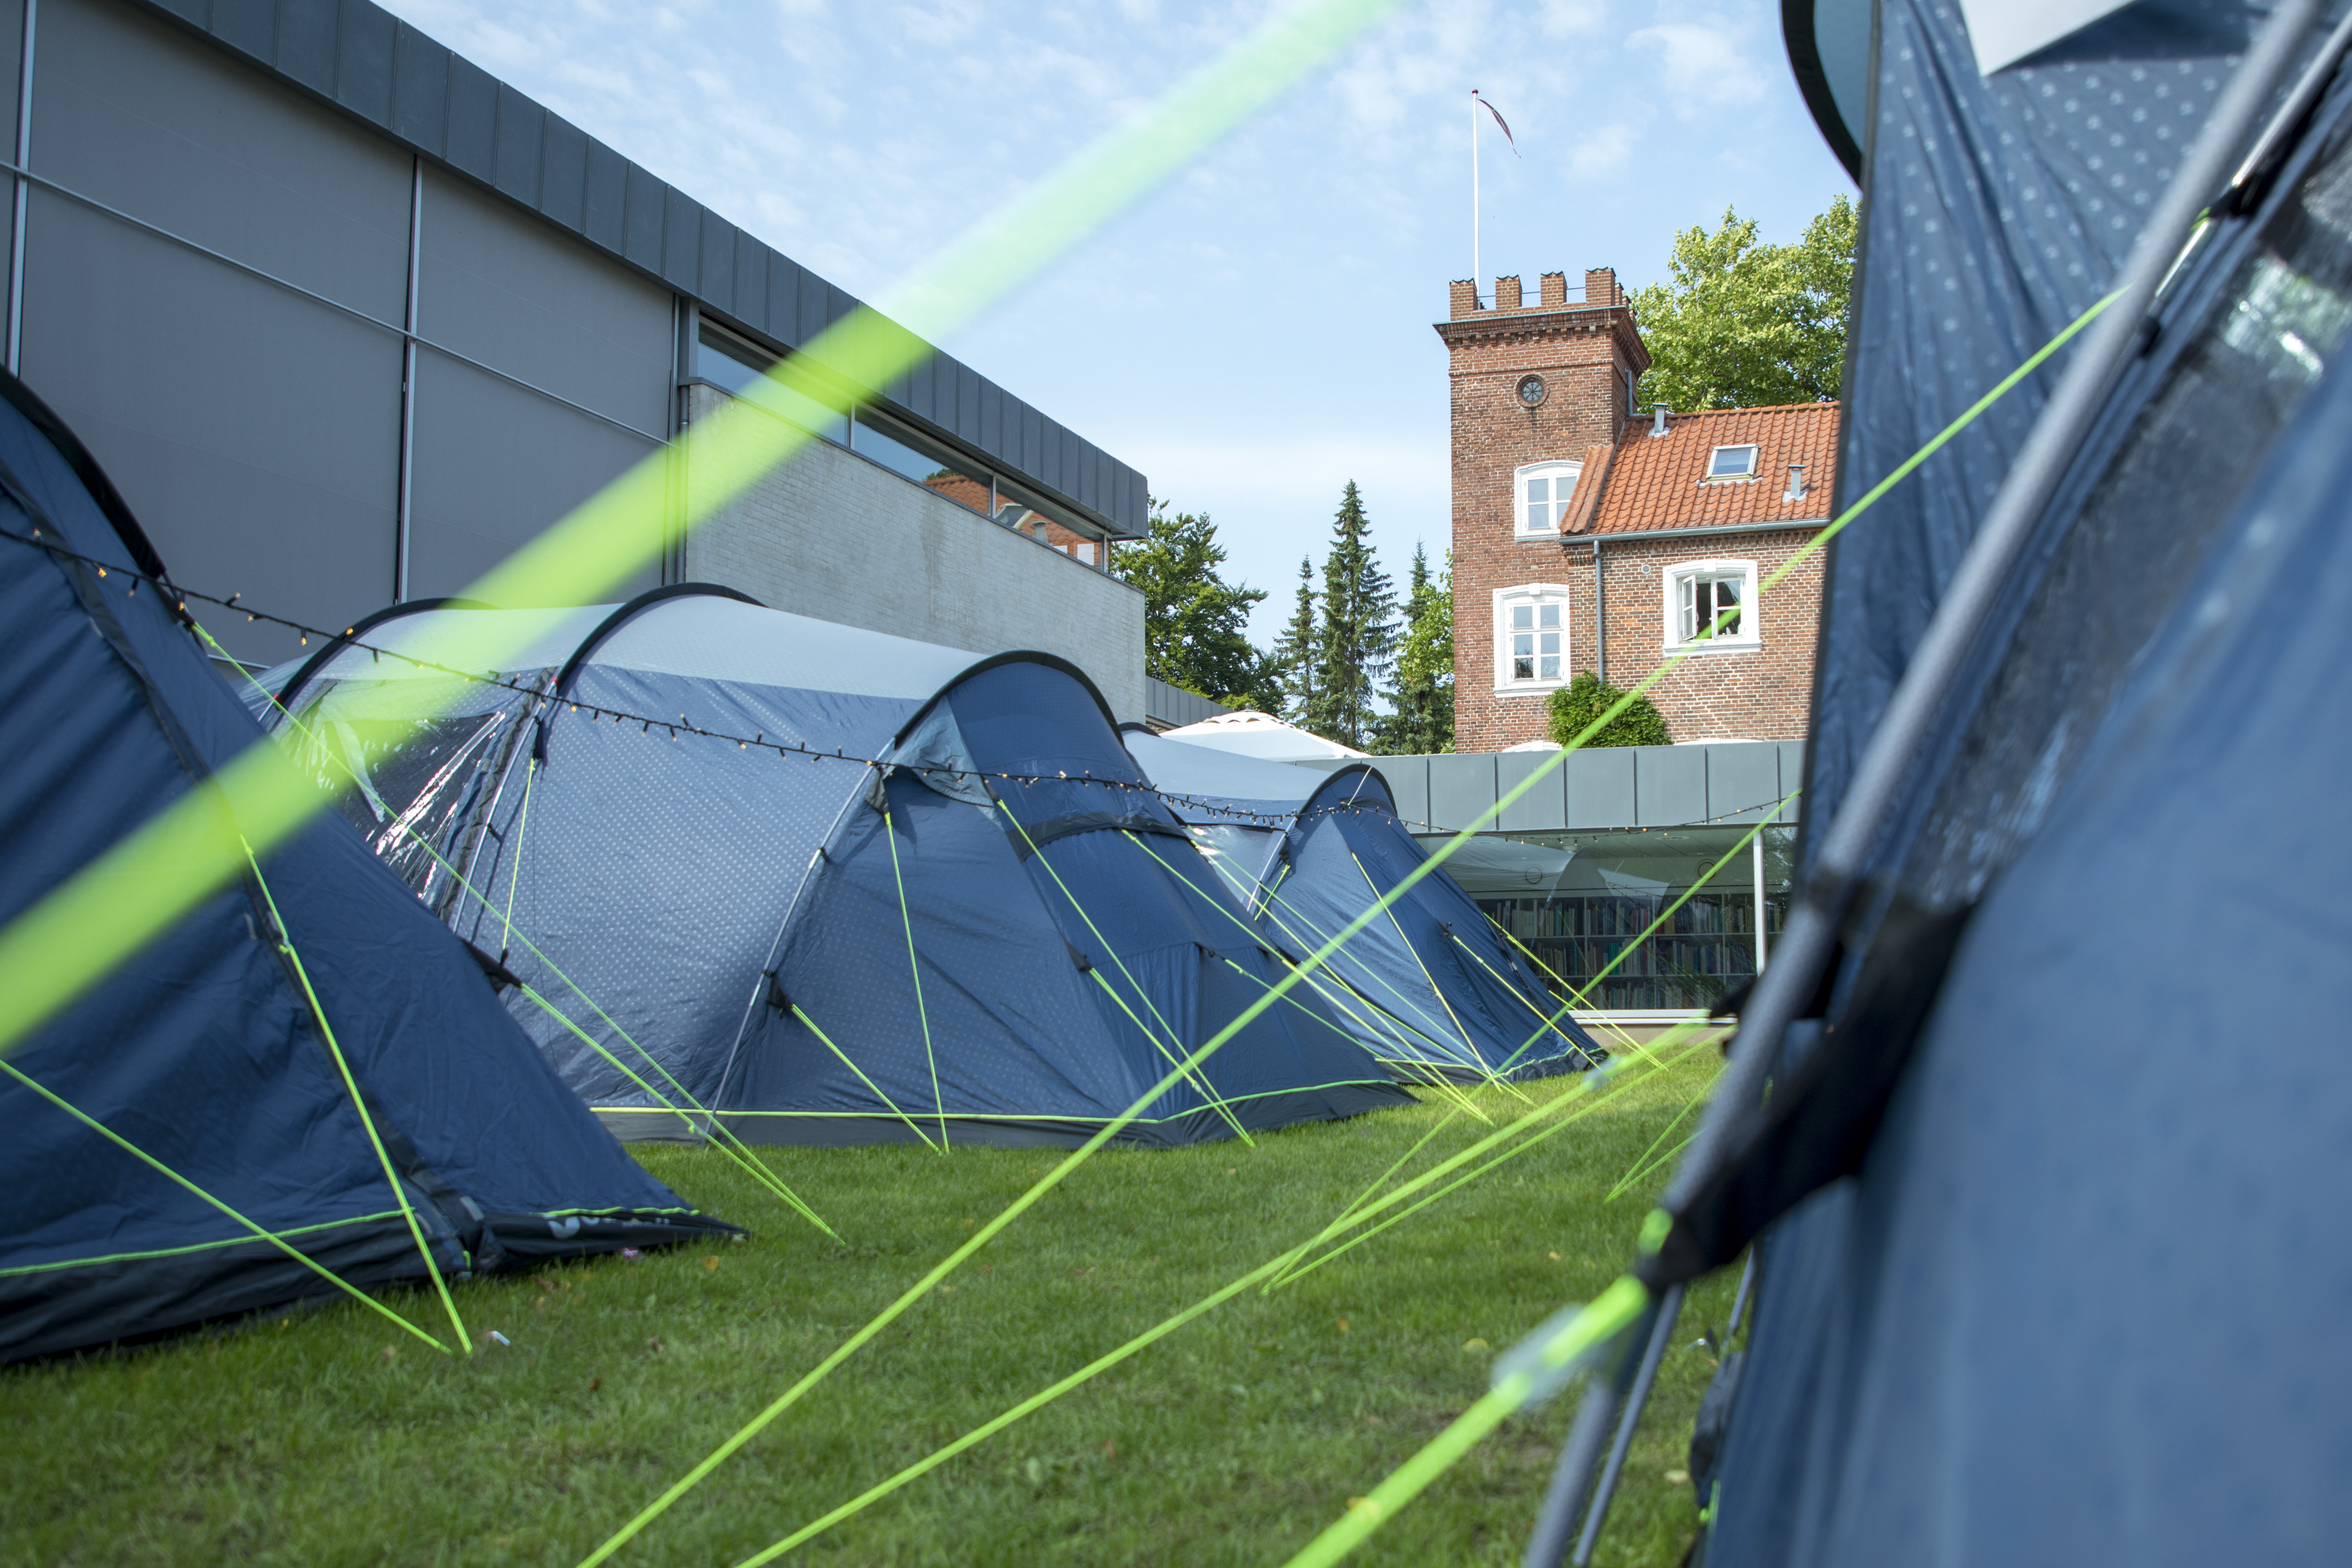 summer_camp_camping